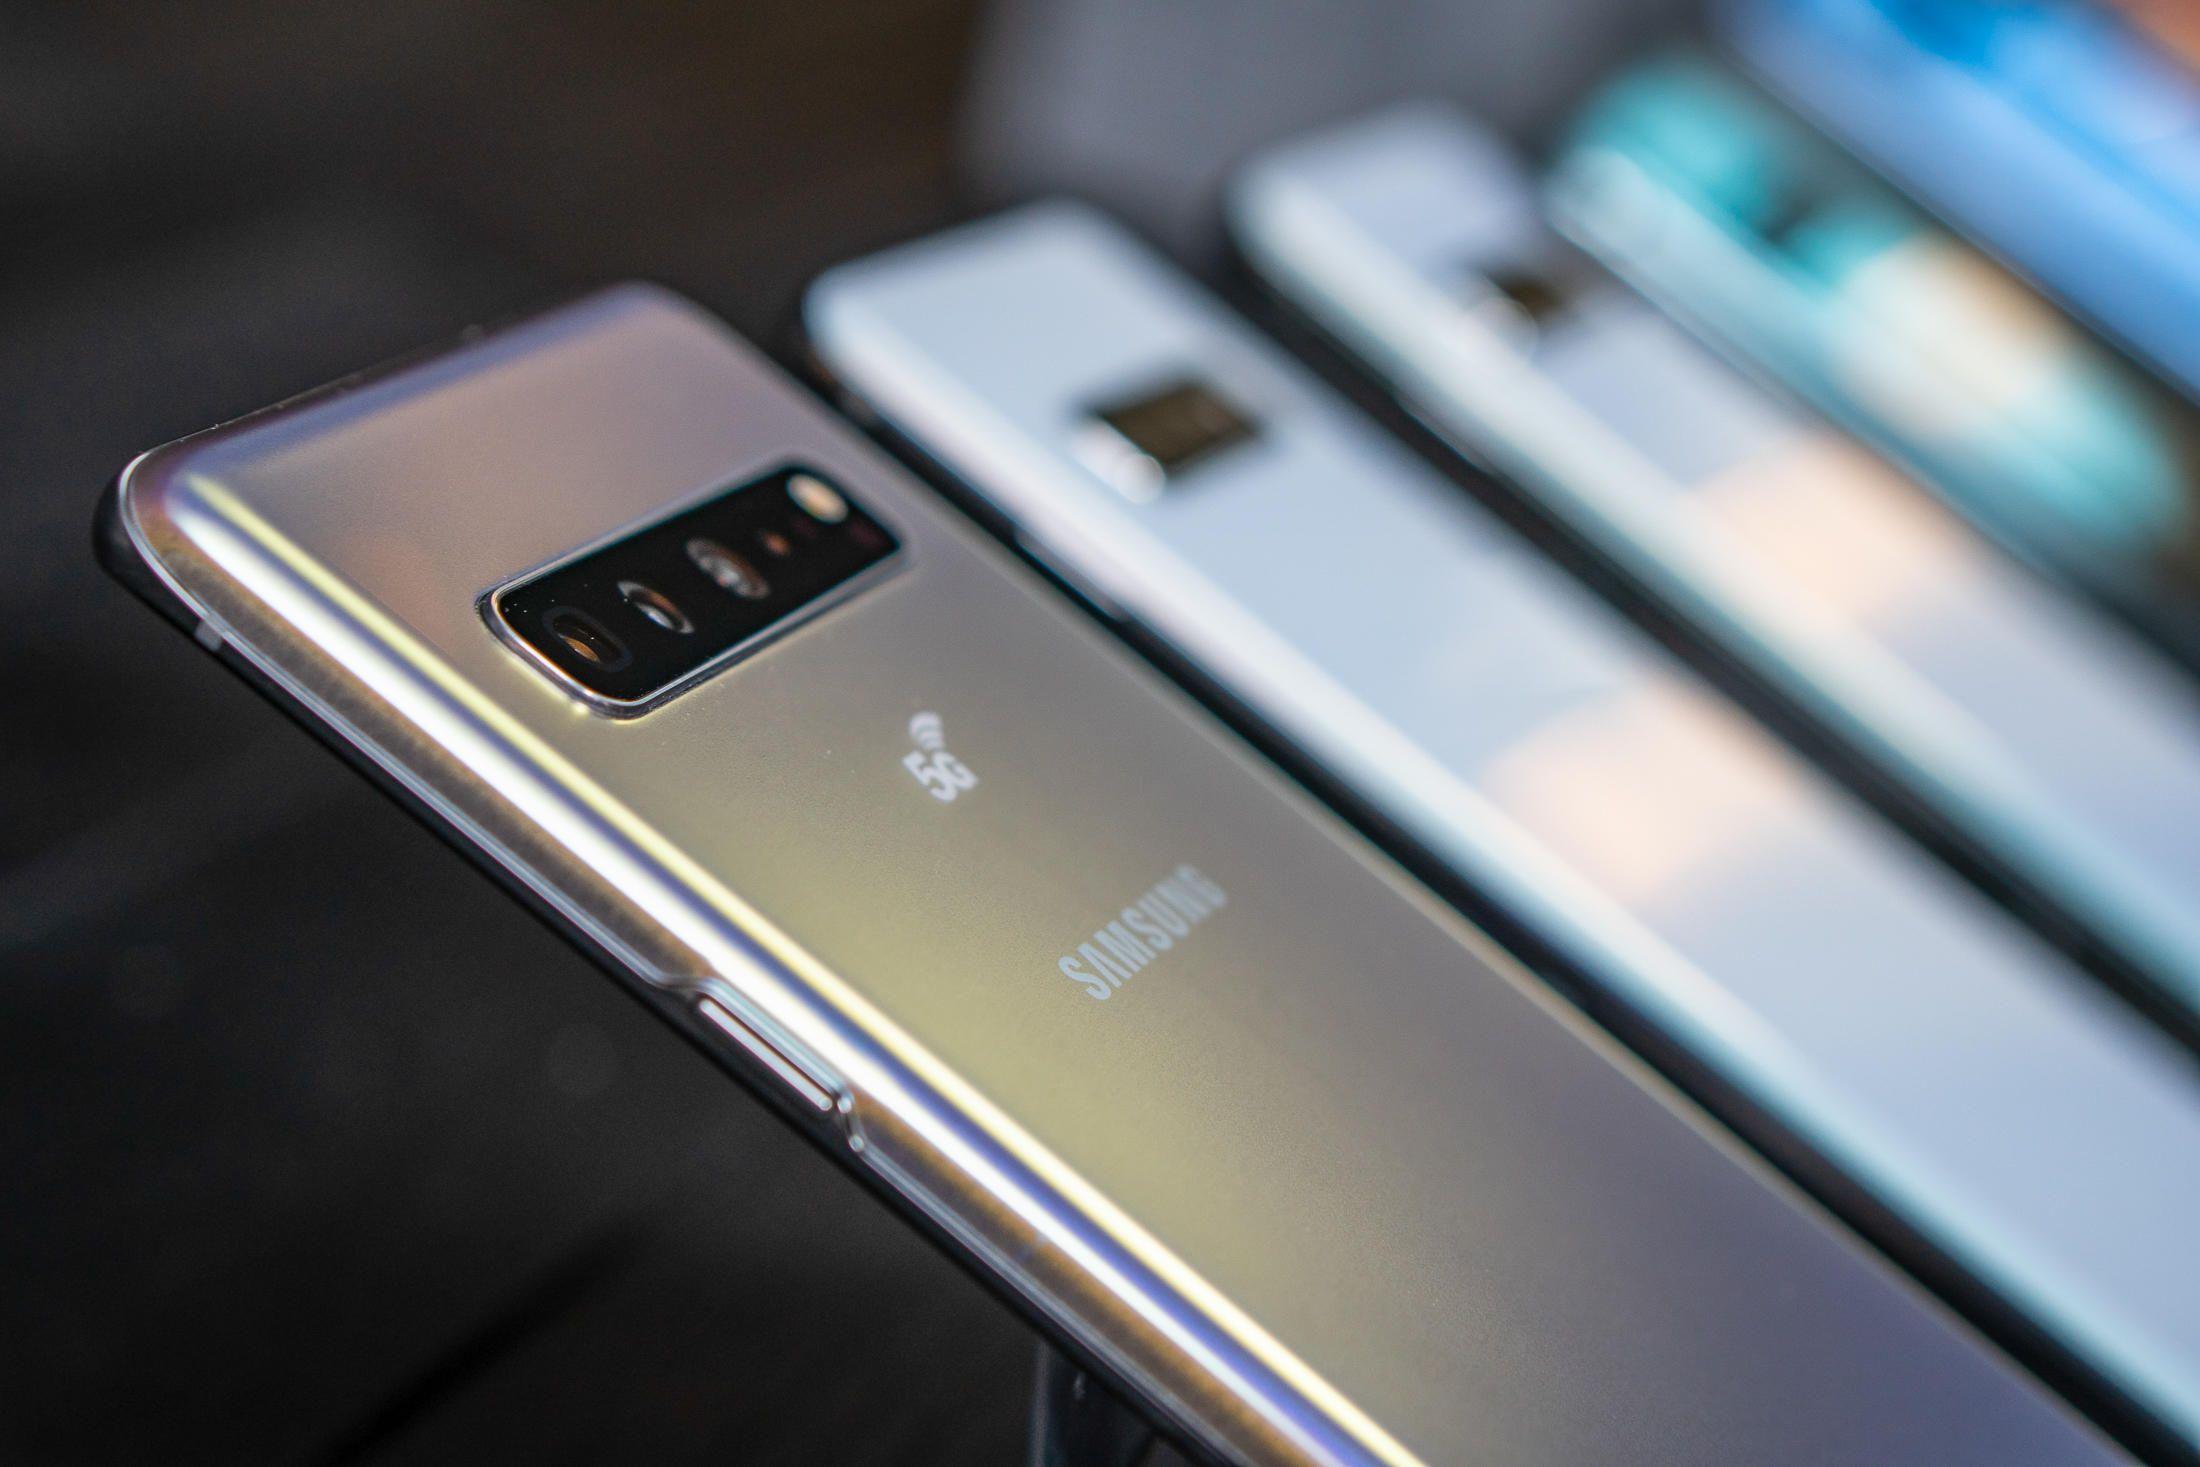 Samsung Galaxy S10 5G prende fuoco: il racconto di utente di Naver Cafè thumbnail